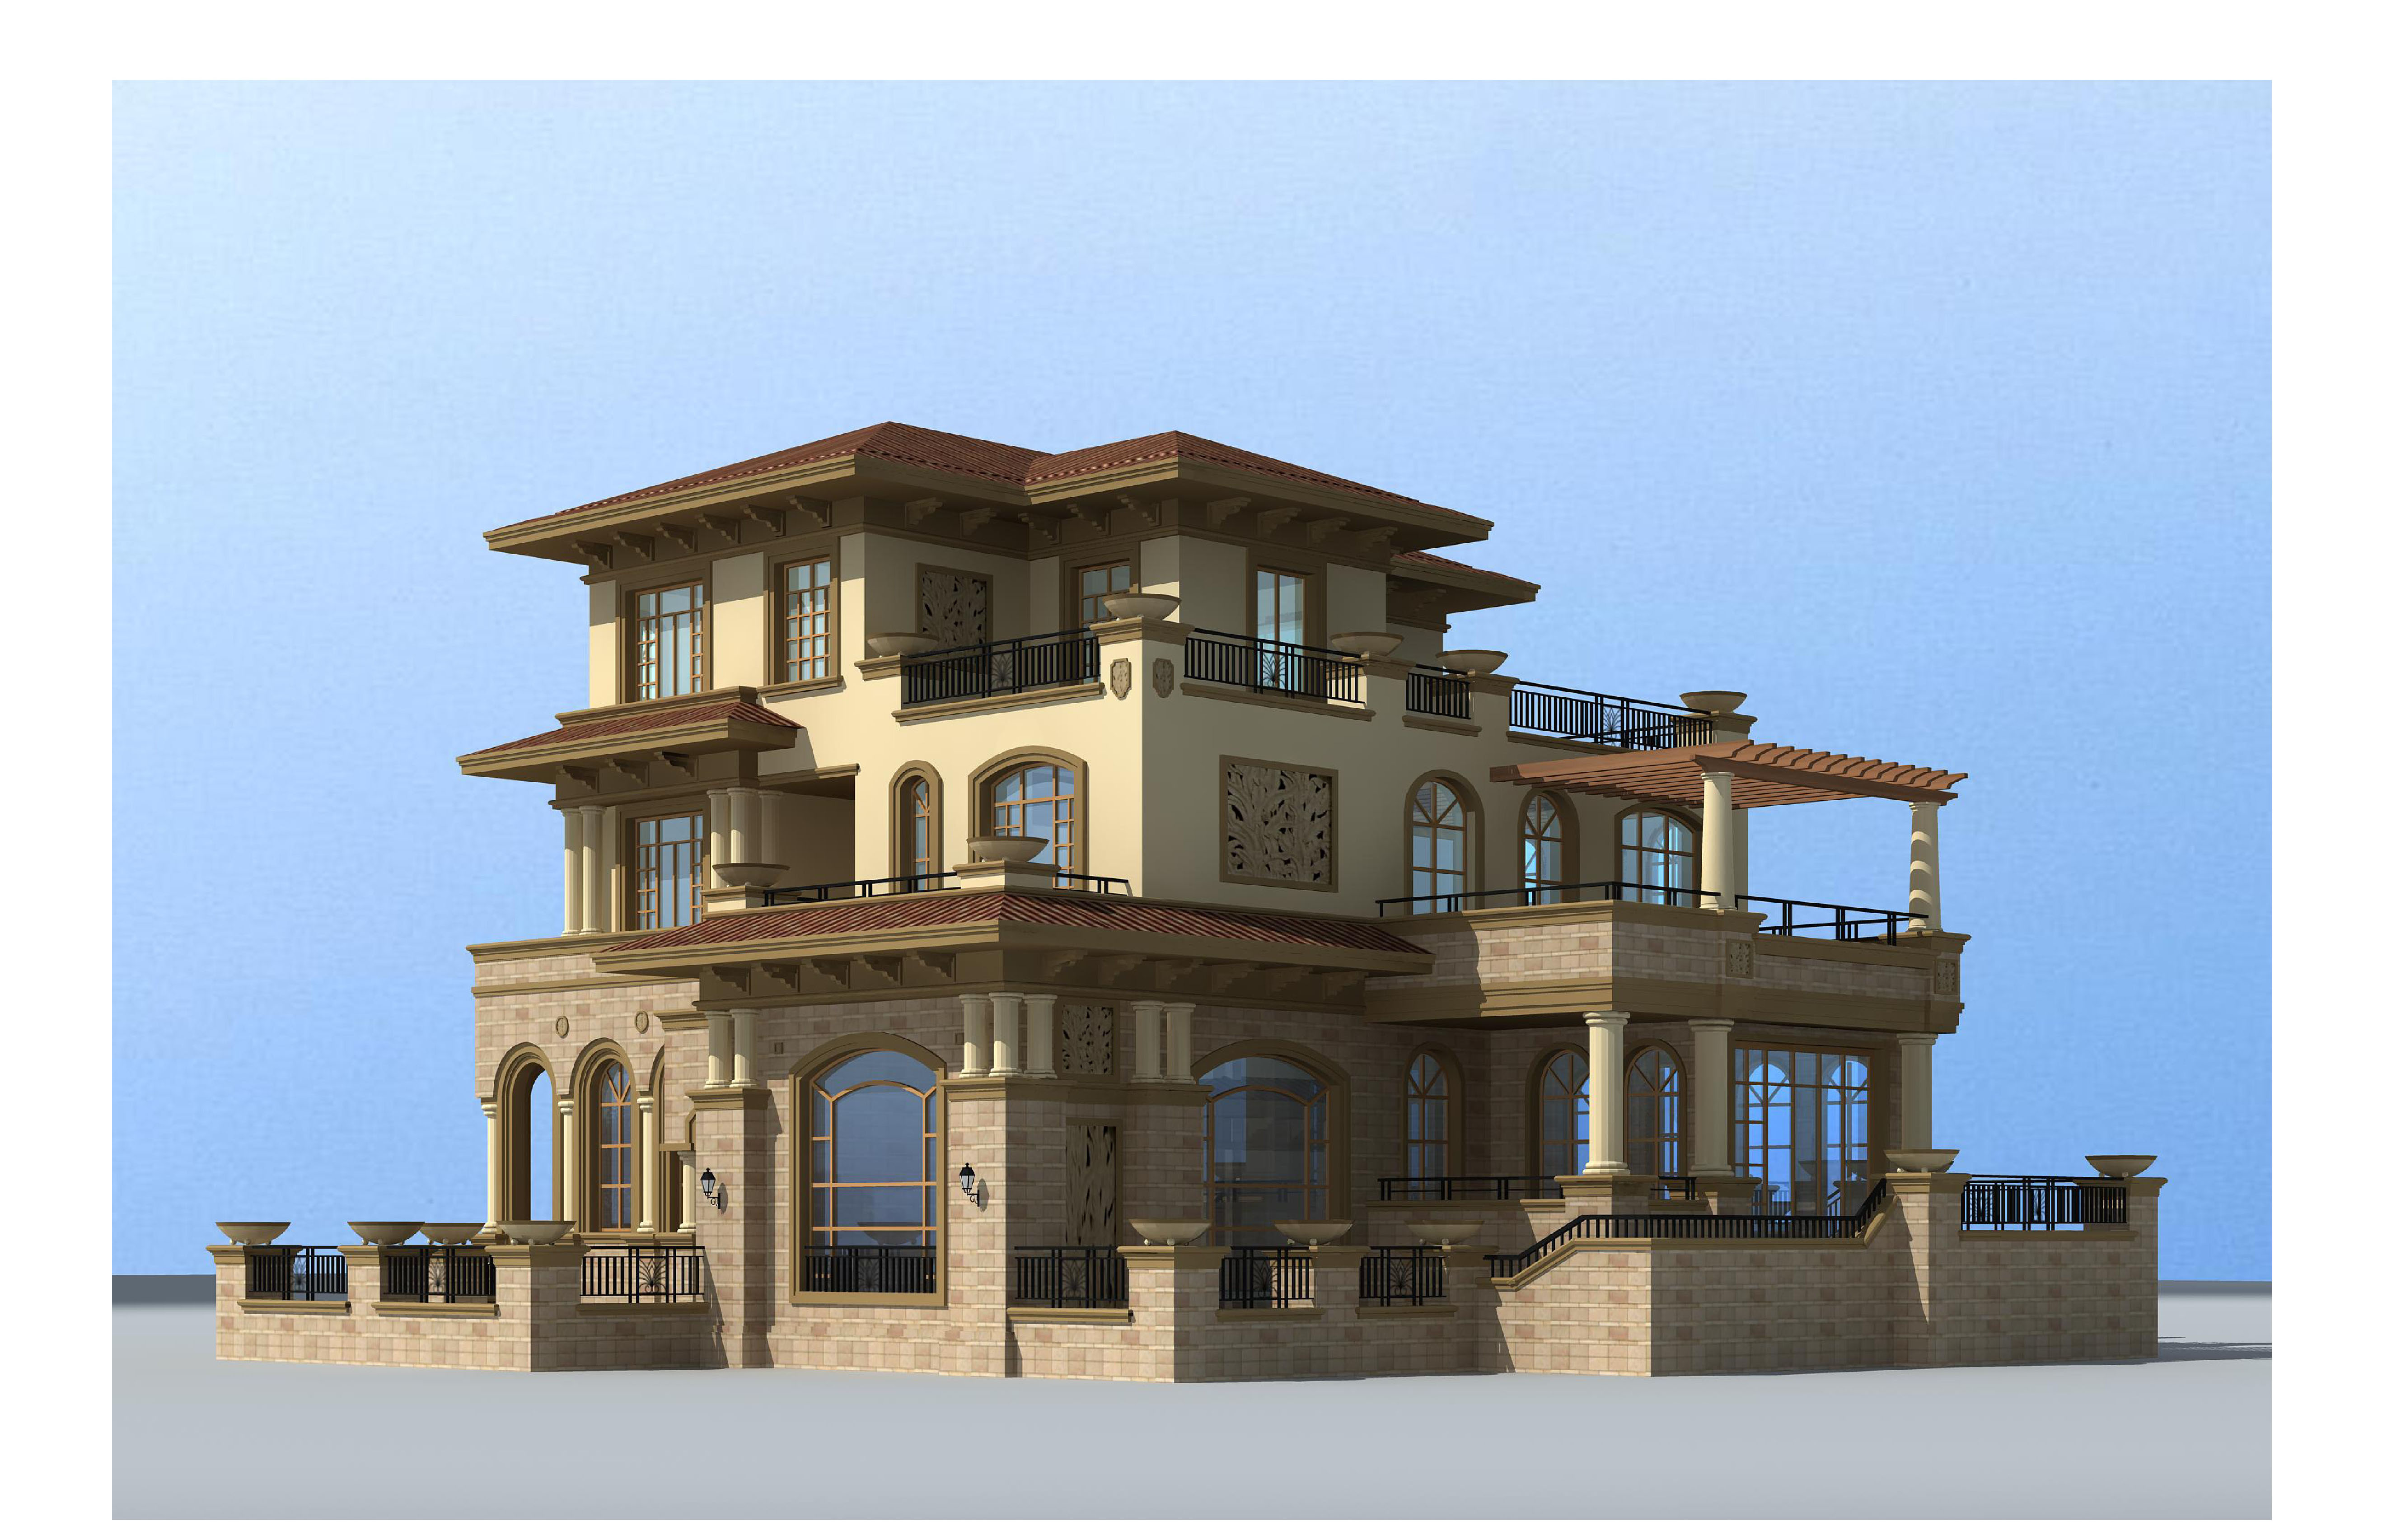 三层自建房别墅施工图设计套餐